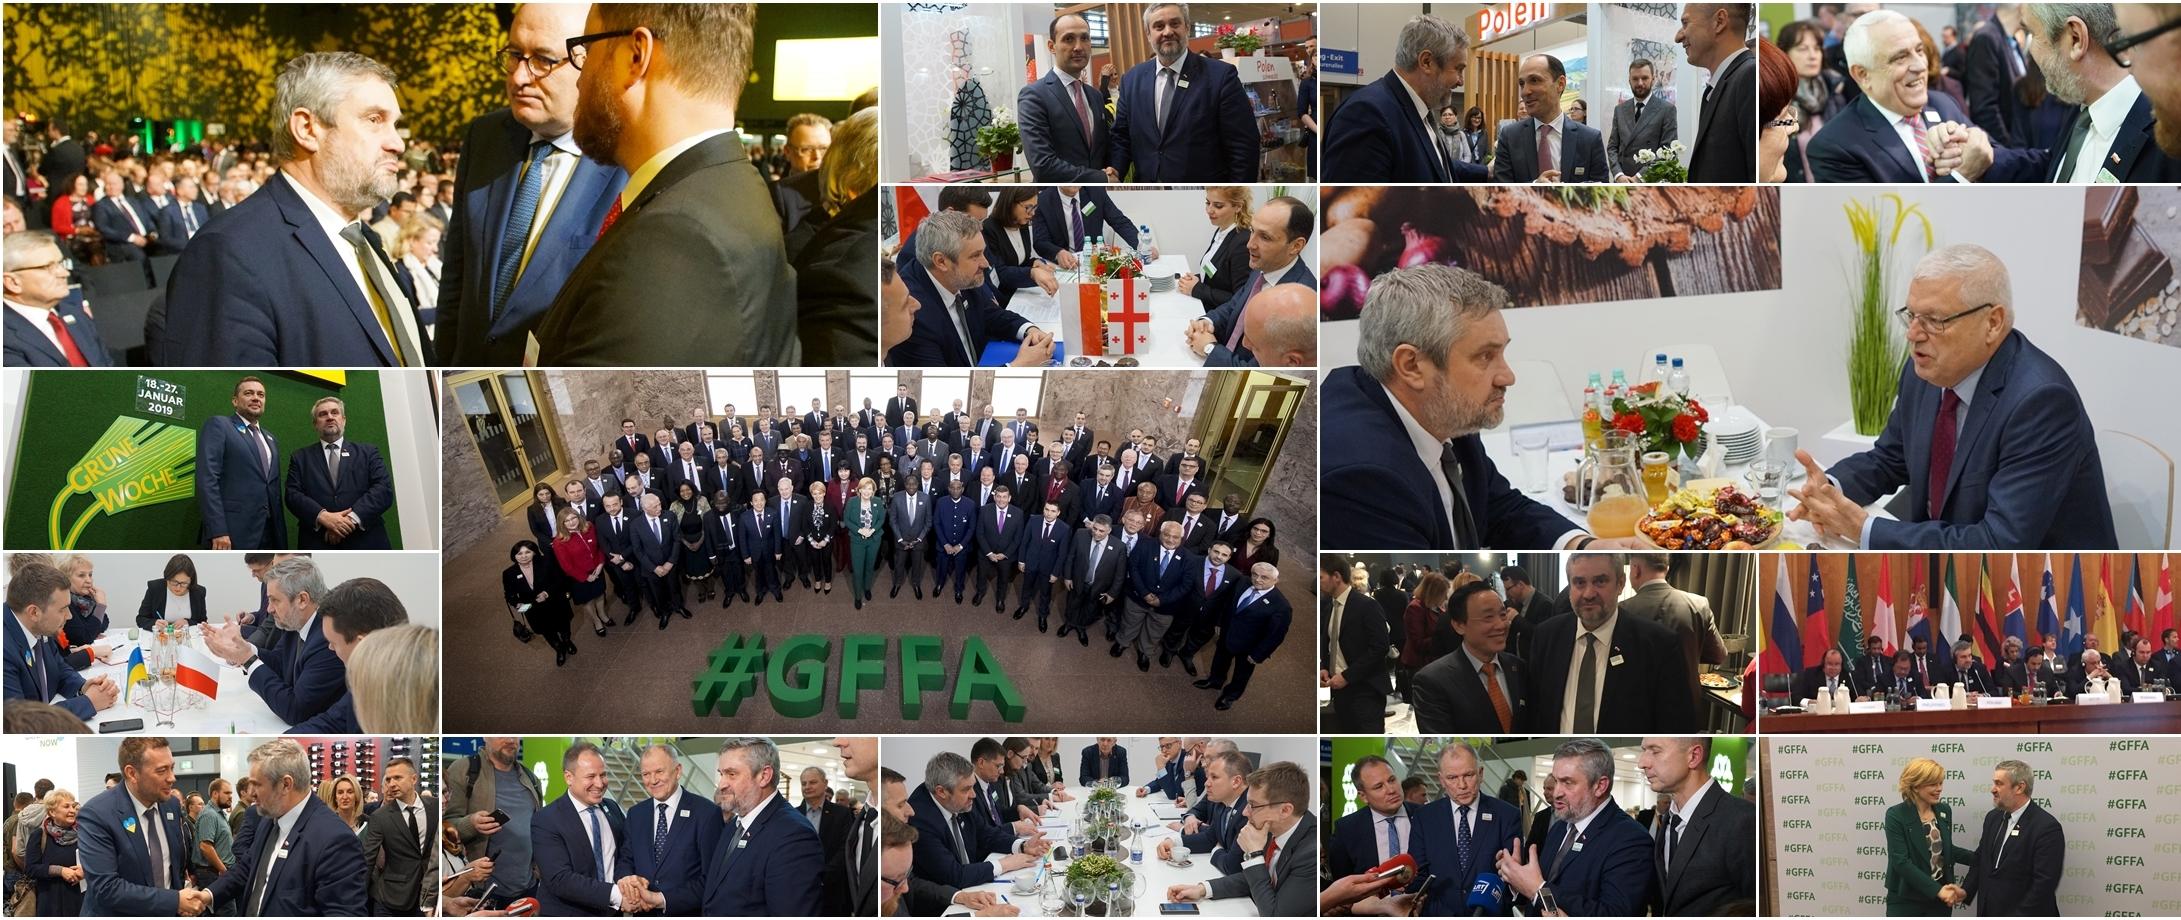 Międzynarodowe spotkania w Berlinie